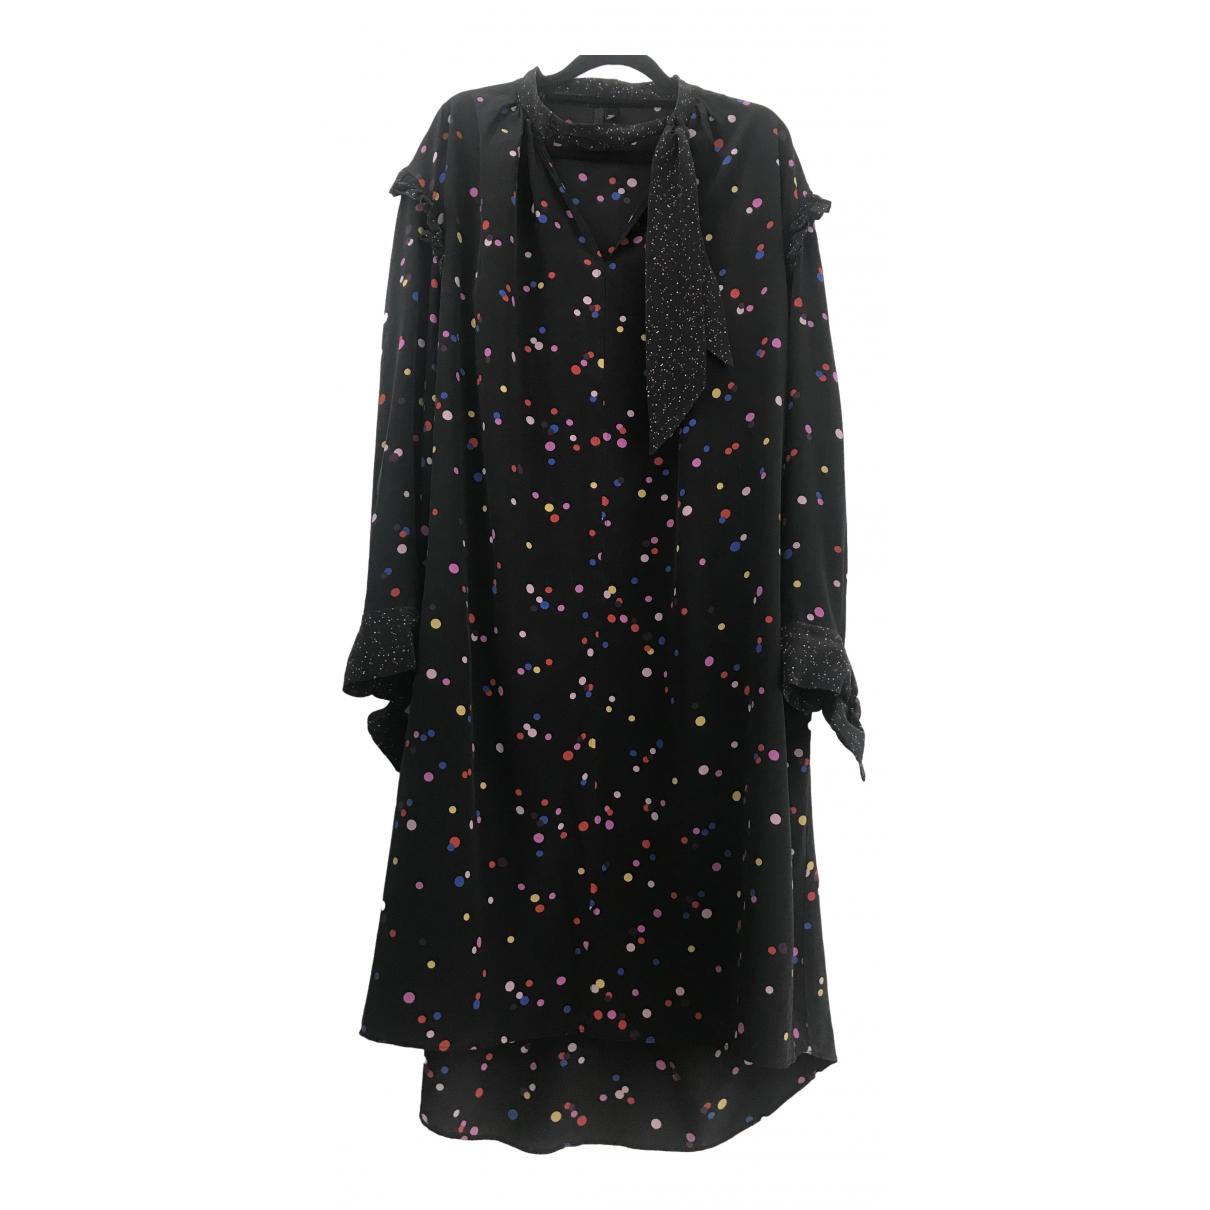 Topshop Boutique - Robe   pour femme en soie - multicolore